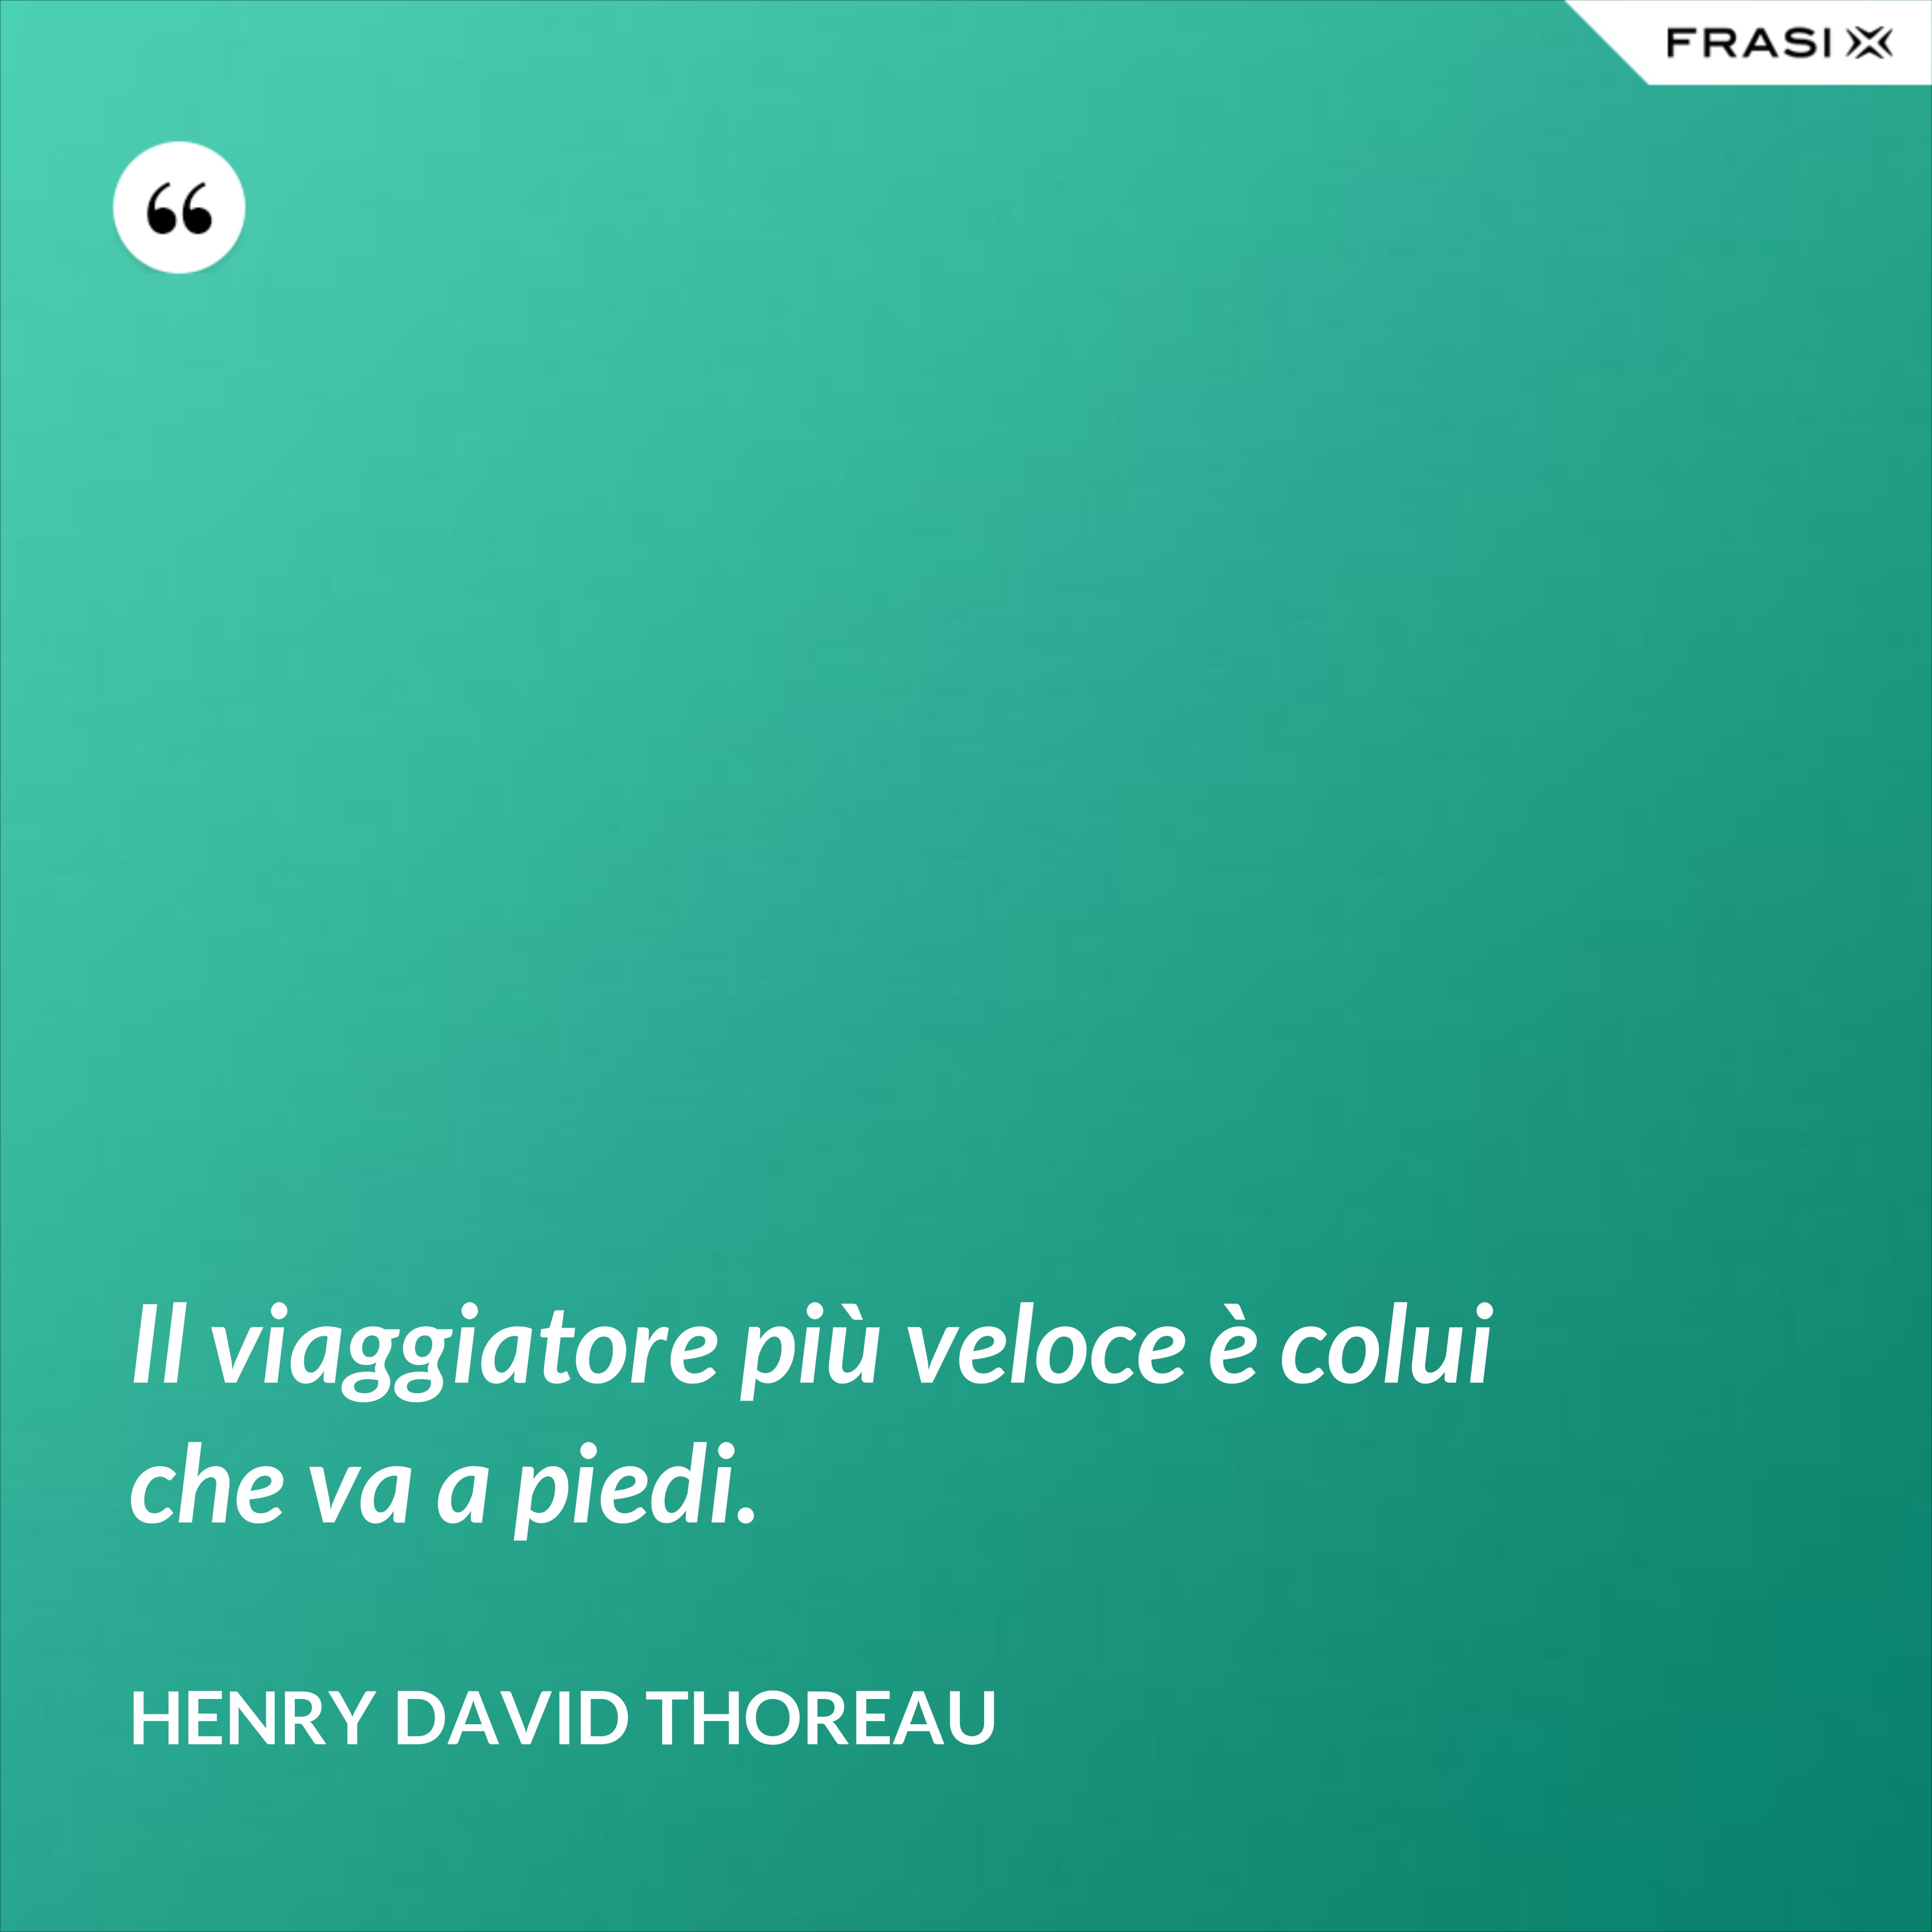 Il viaggiatore più veloce è colui che va a piedi. - Henry David Thoreau